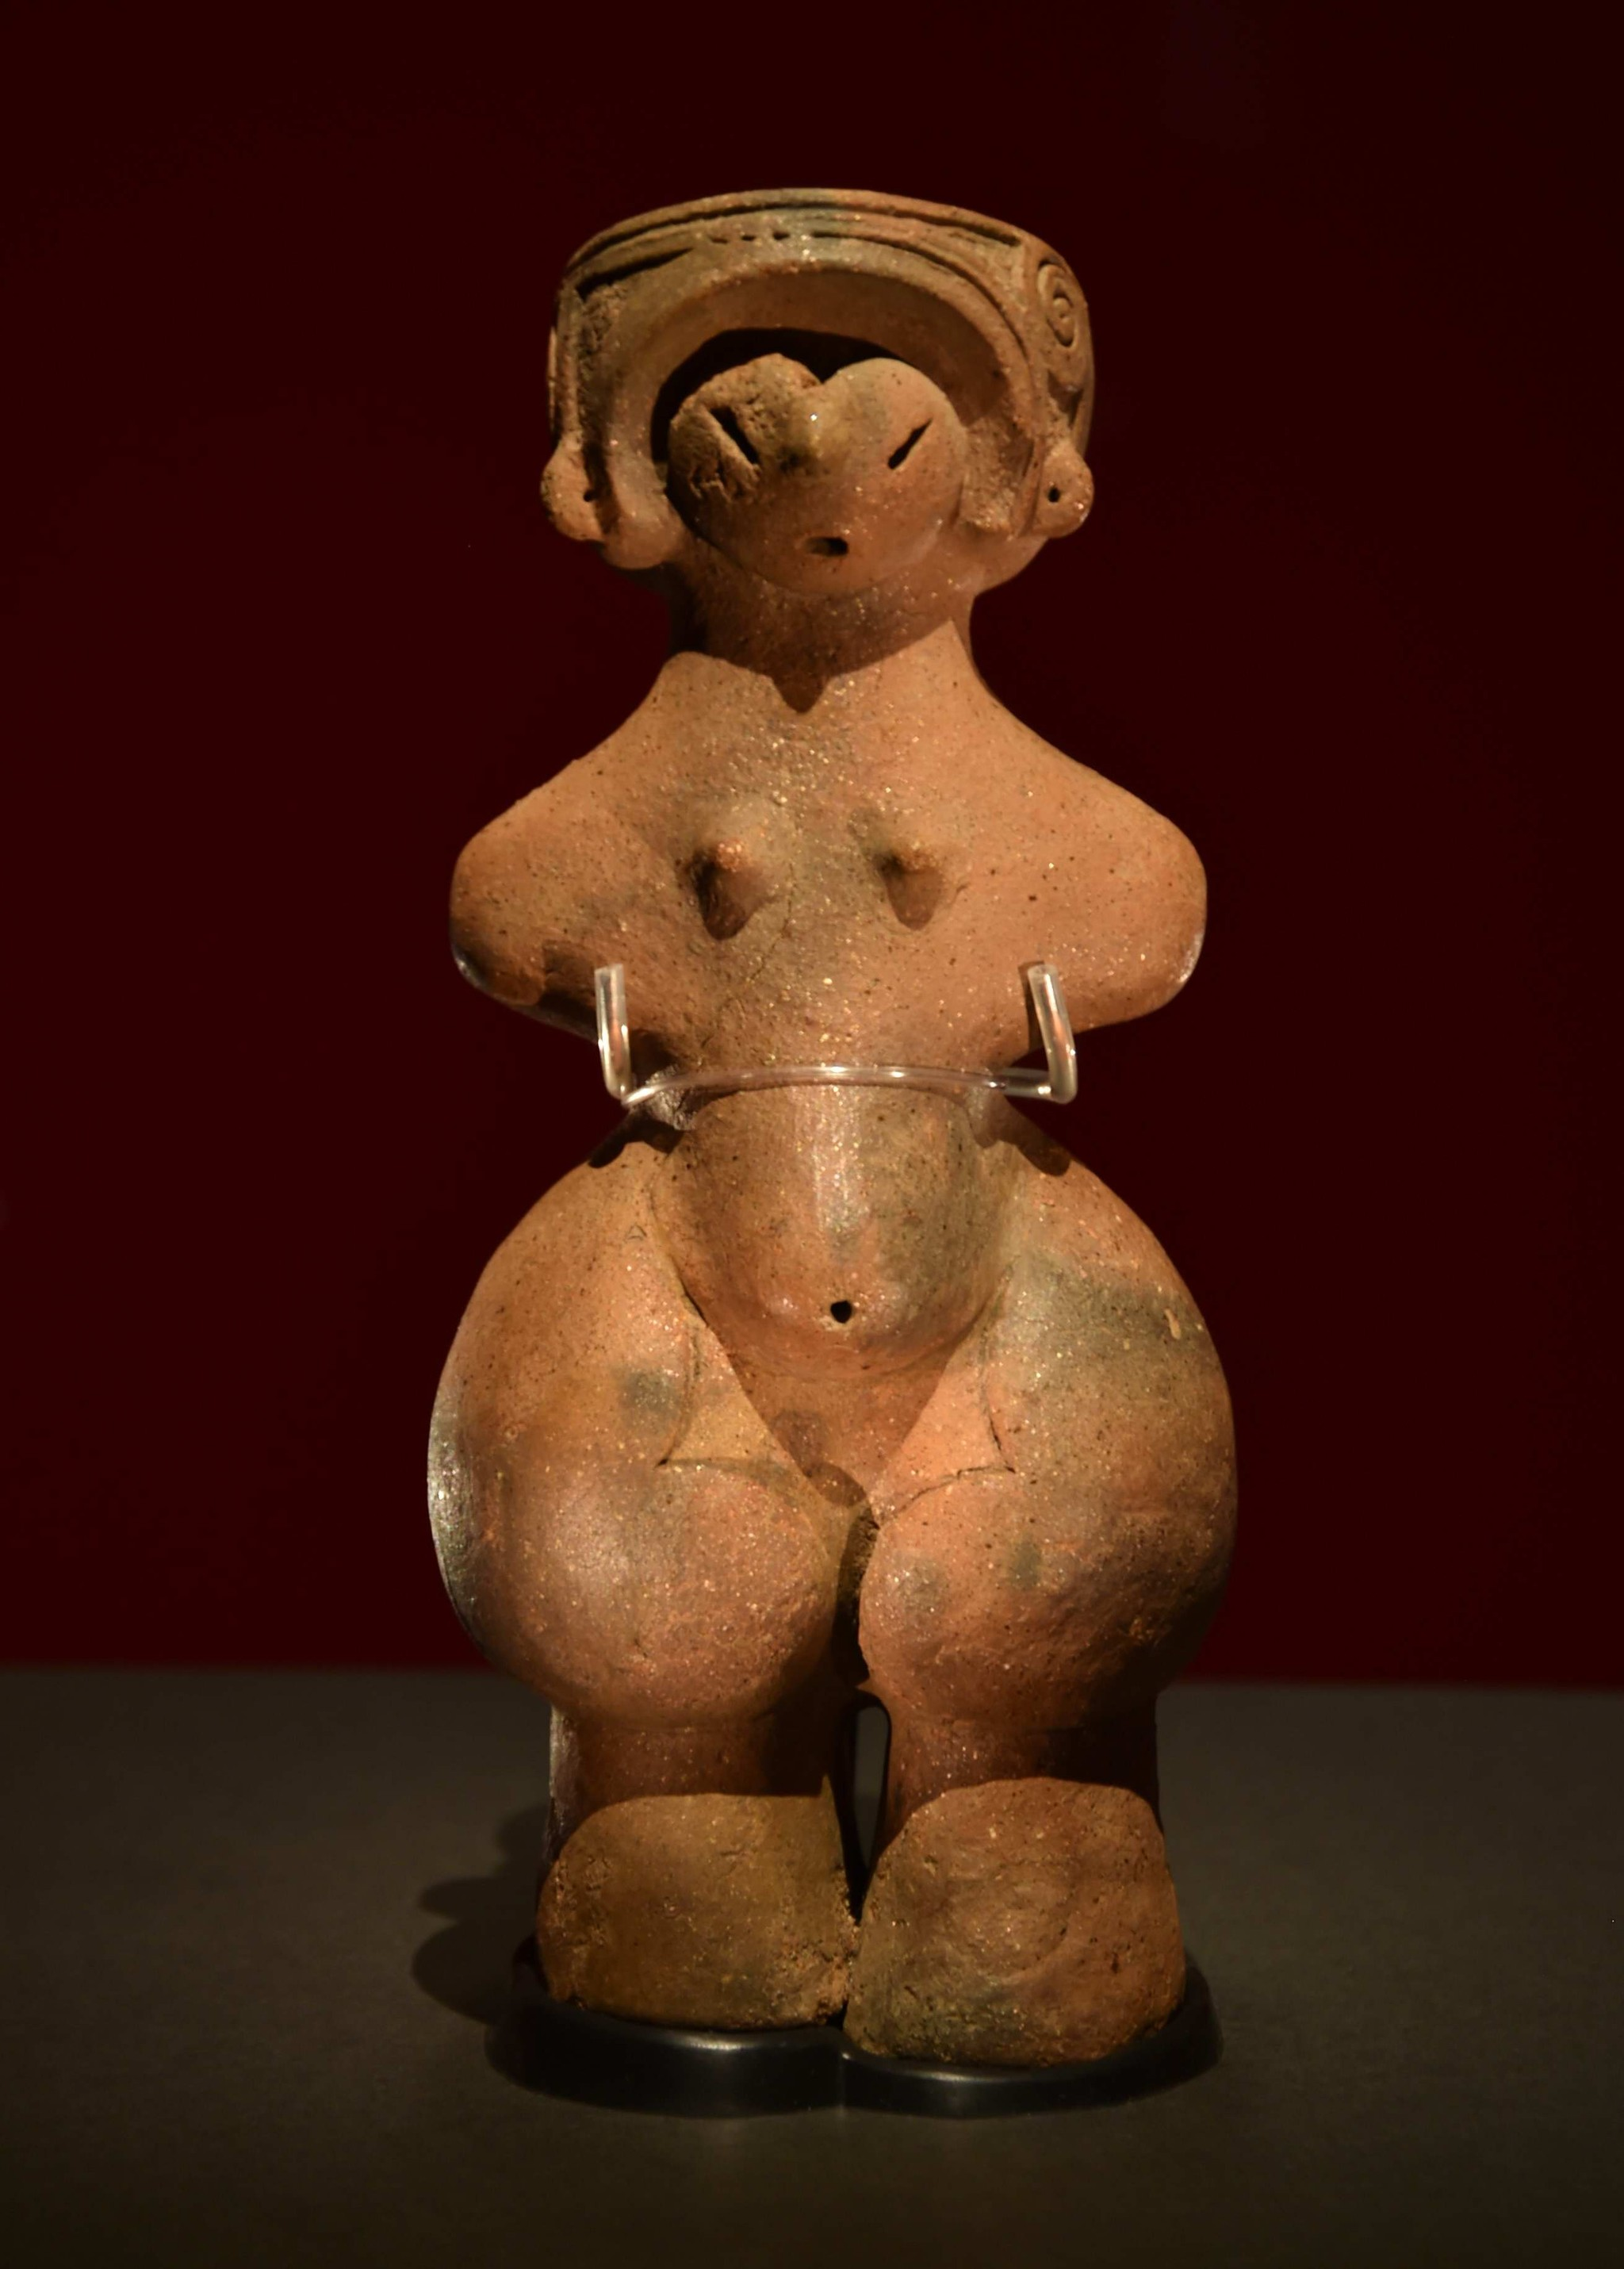 縄文時代の出土品で国宝第1号になった「縄文のビーナス」(長野県茅野市で出土)。腹部と尻が大きく張り出した姿をしており、妊娠した女性を表現しているとされる